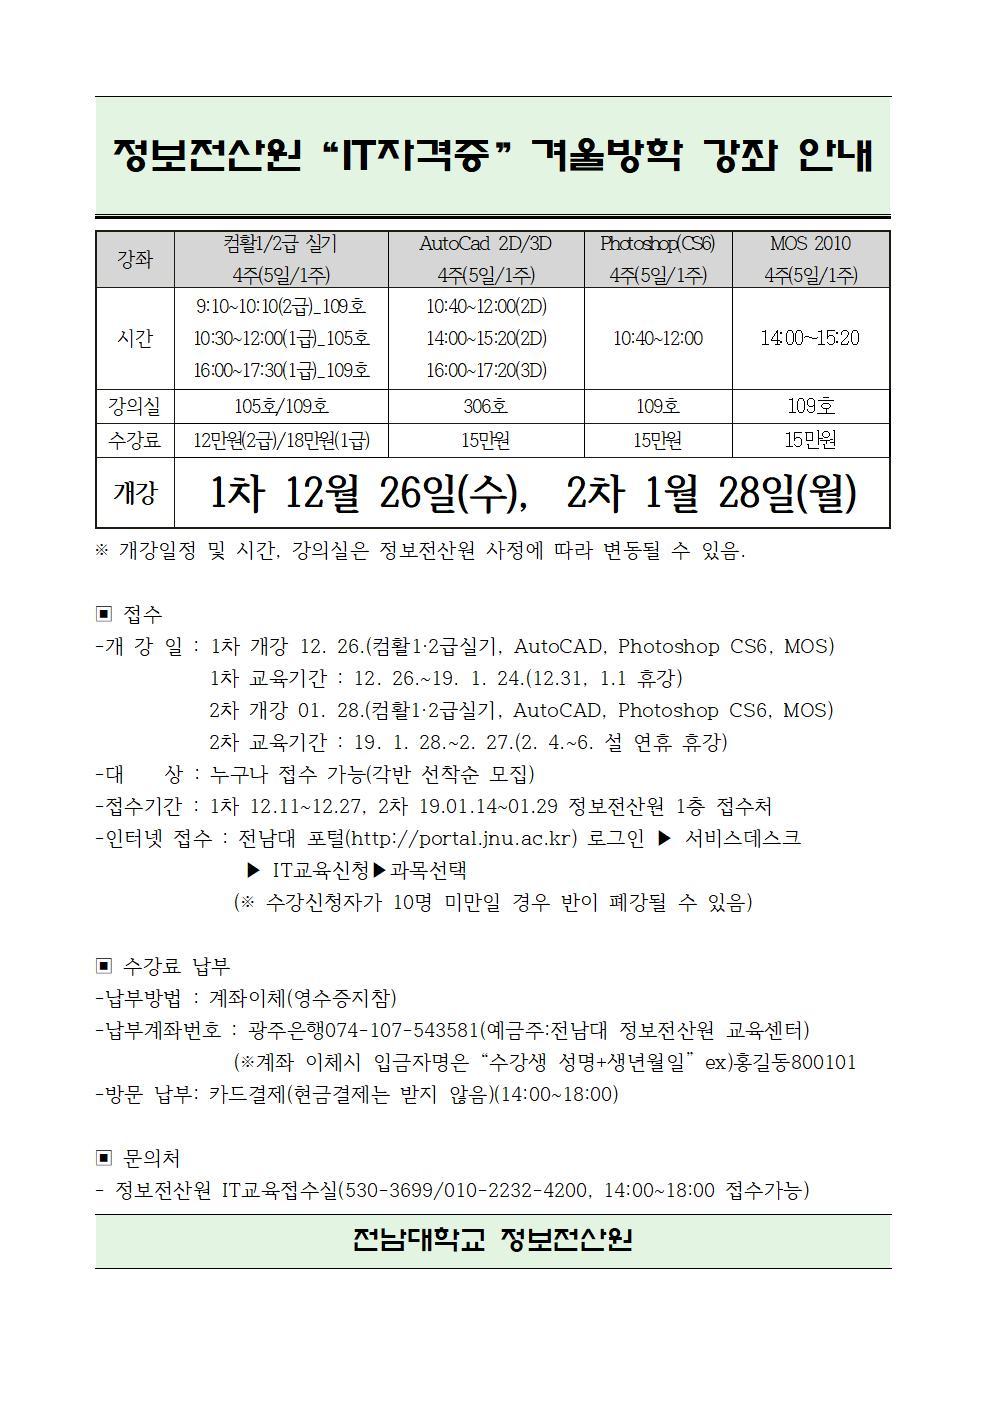 정보전산원 [IT자격증] 겨울방학 강좌안내